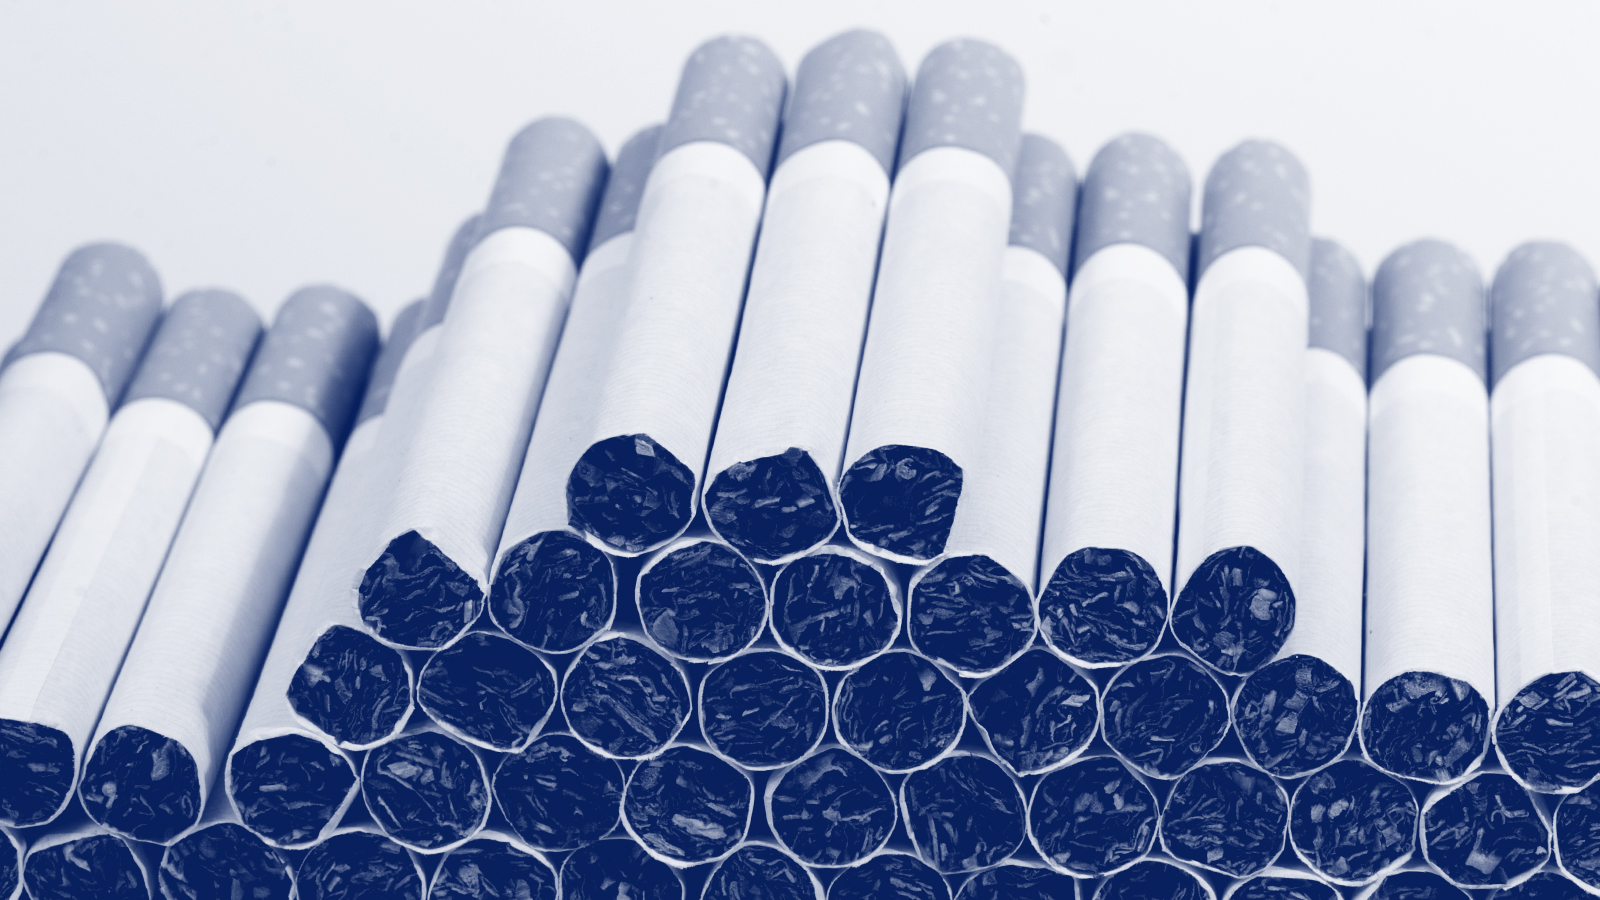 01_cigaretter.jpg